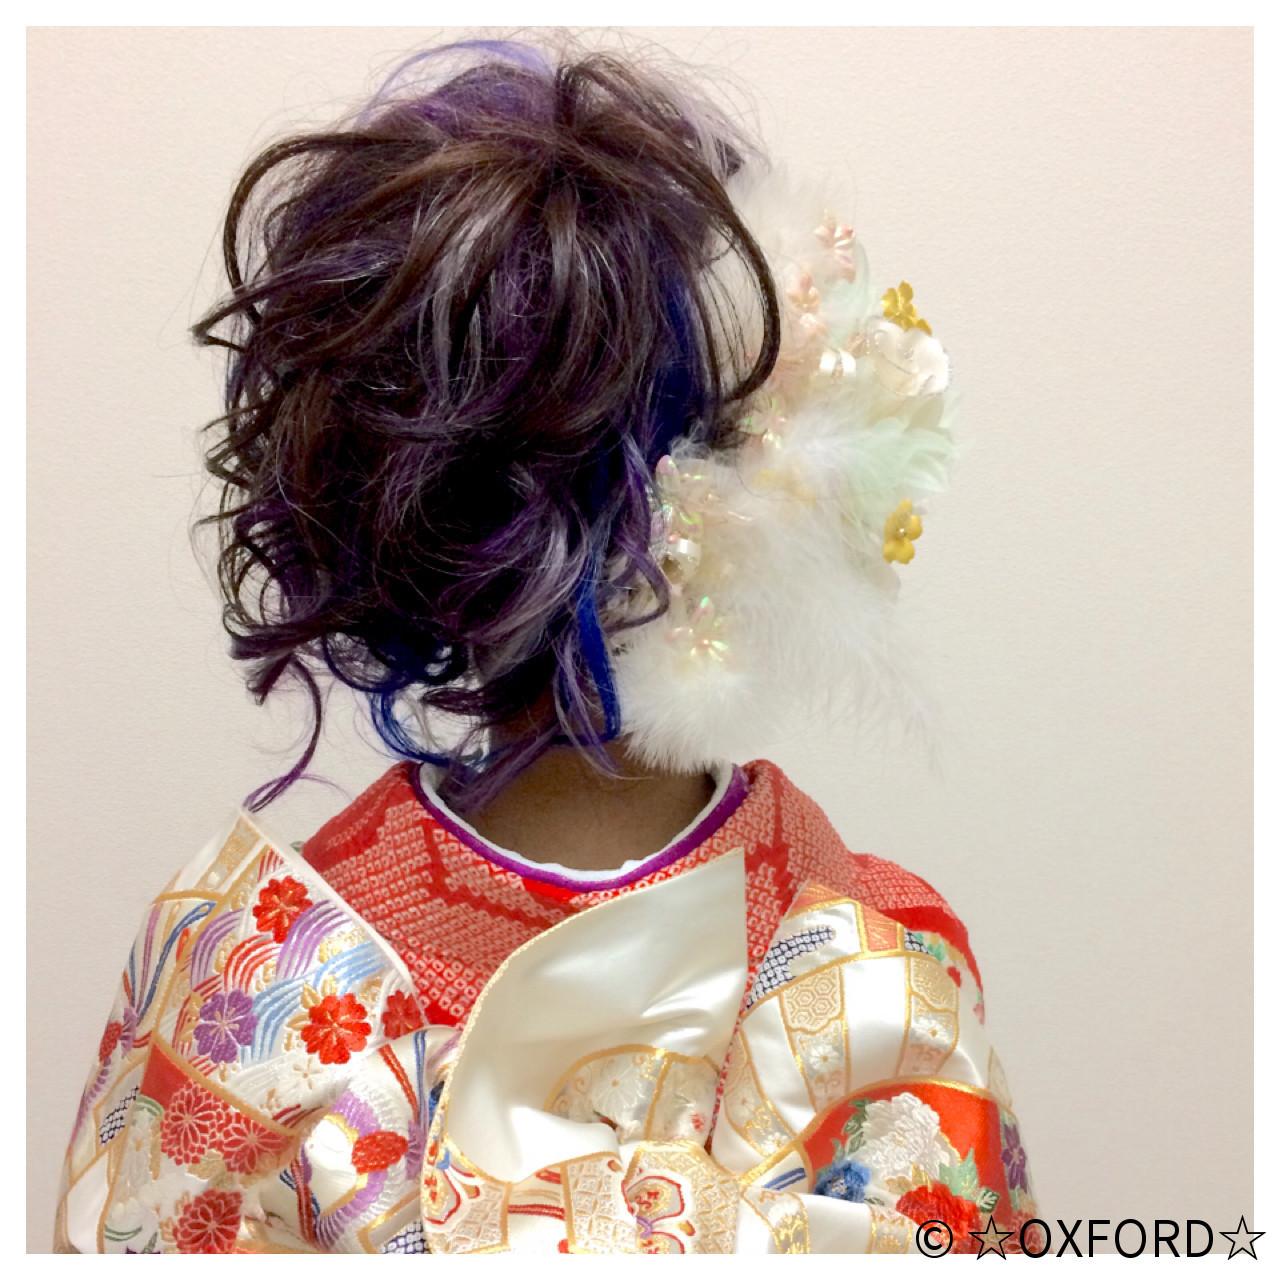 ロング 振袖 ガーリー アップスタイル ヘアスタイルや髪型の写真・画像 | ☆oxford☆ / OXFORD (オックスフォード)